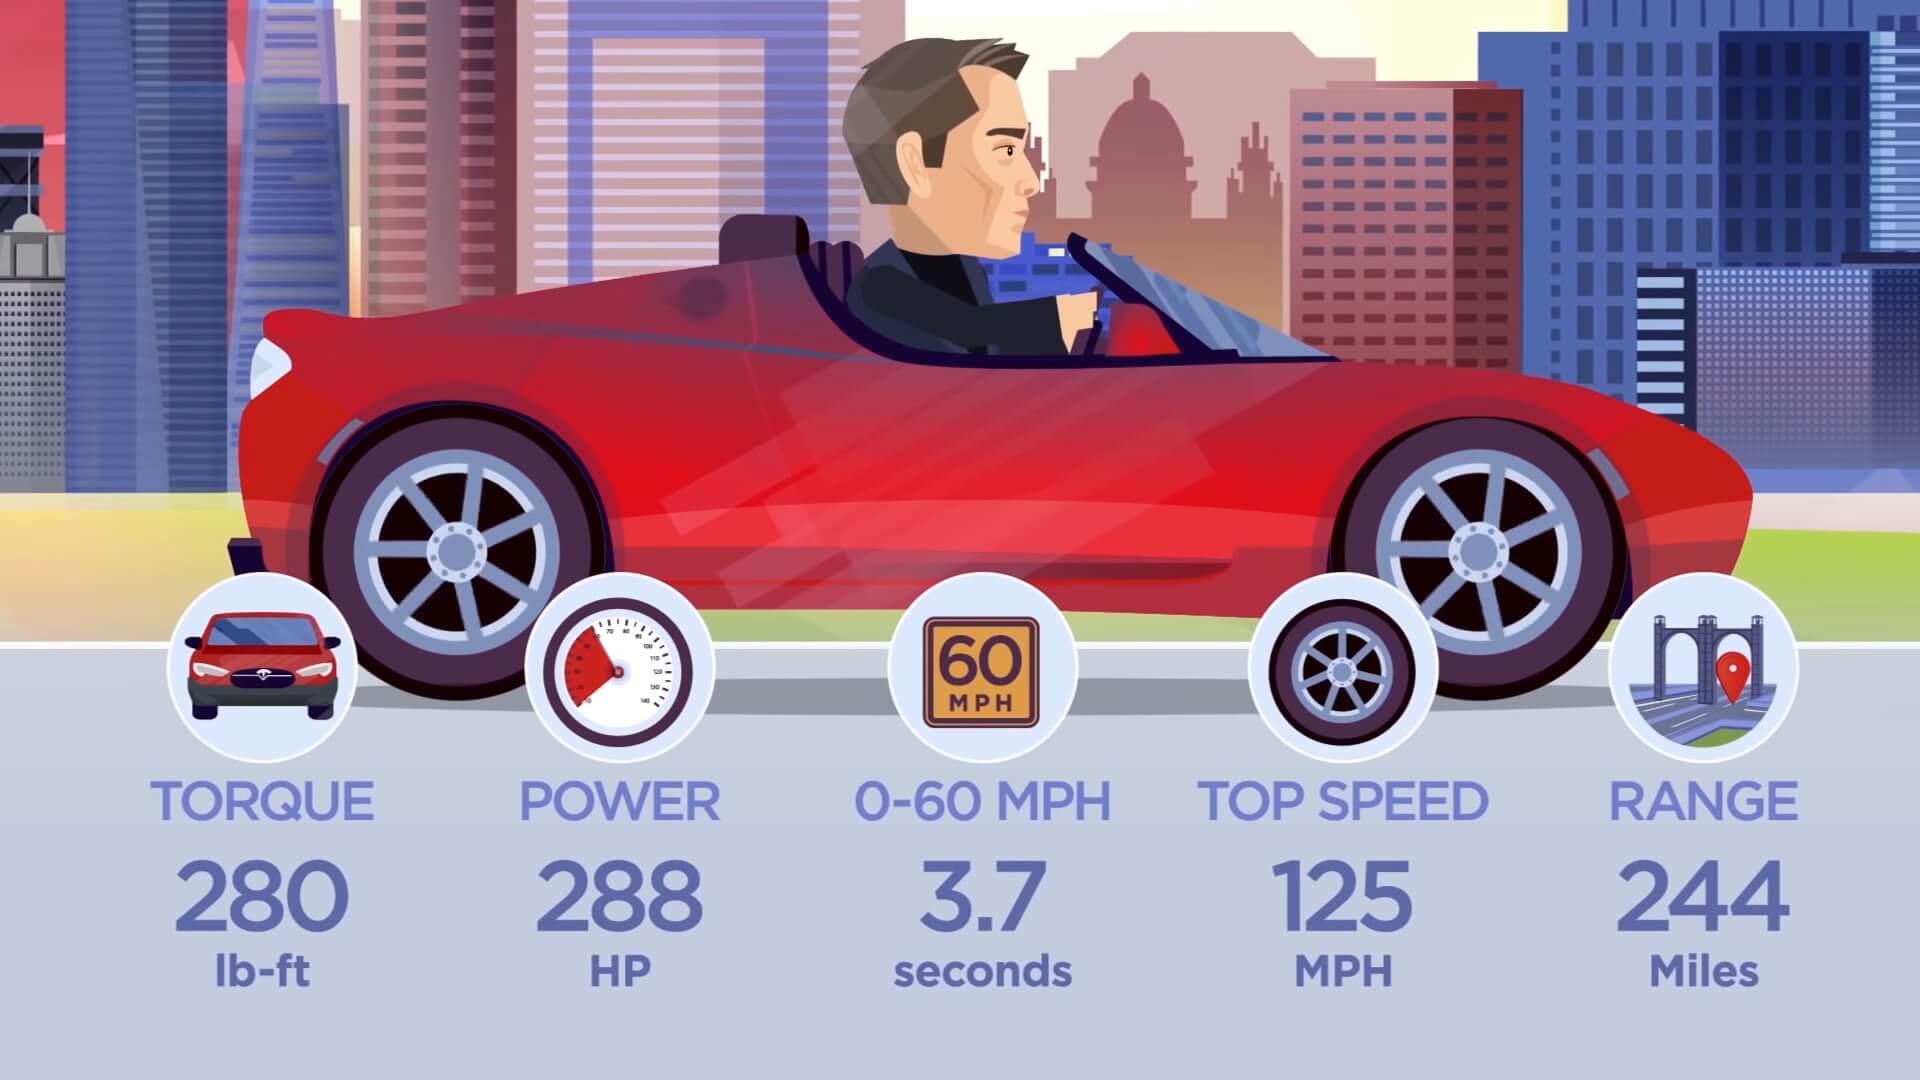 Характеристики первого электромобиля компании Tesla Roadster первого поколения